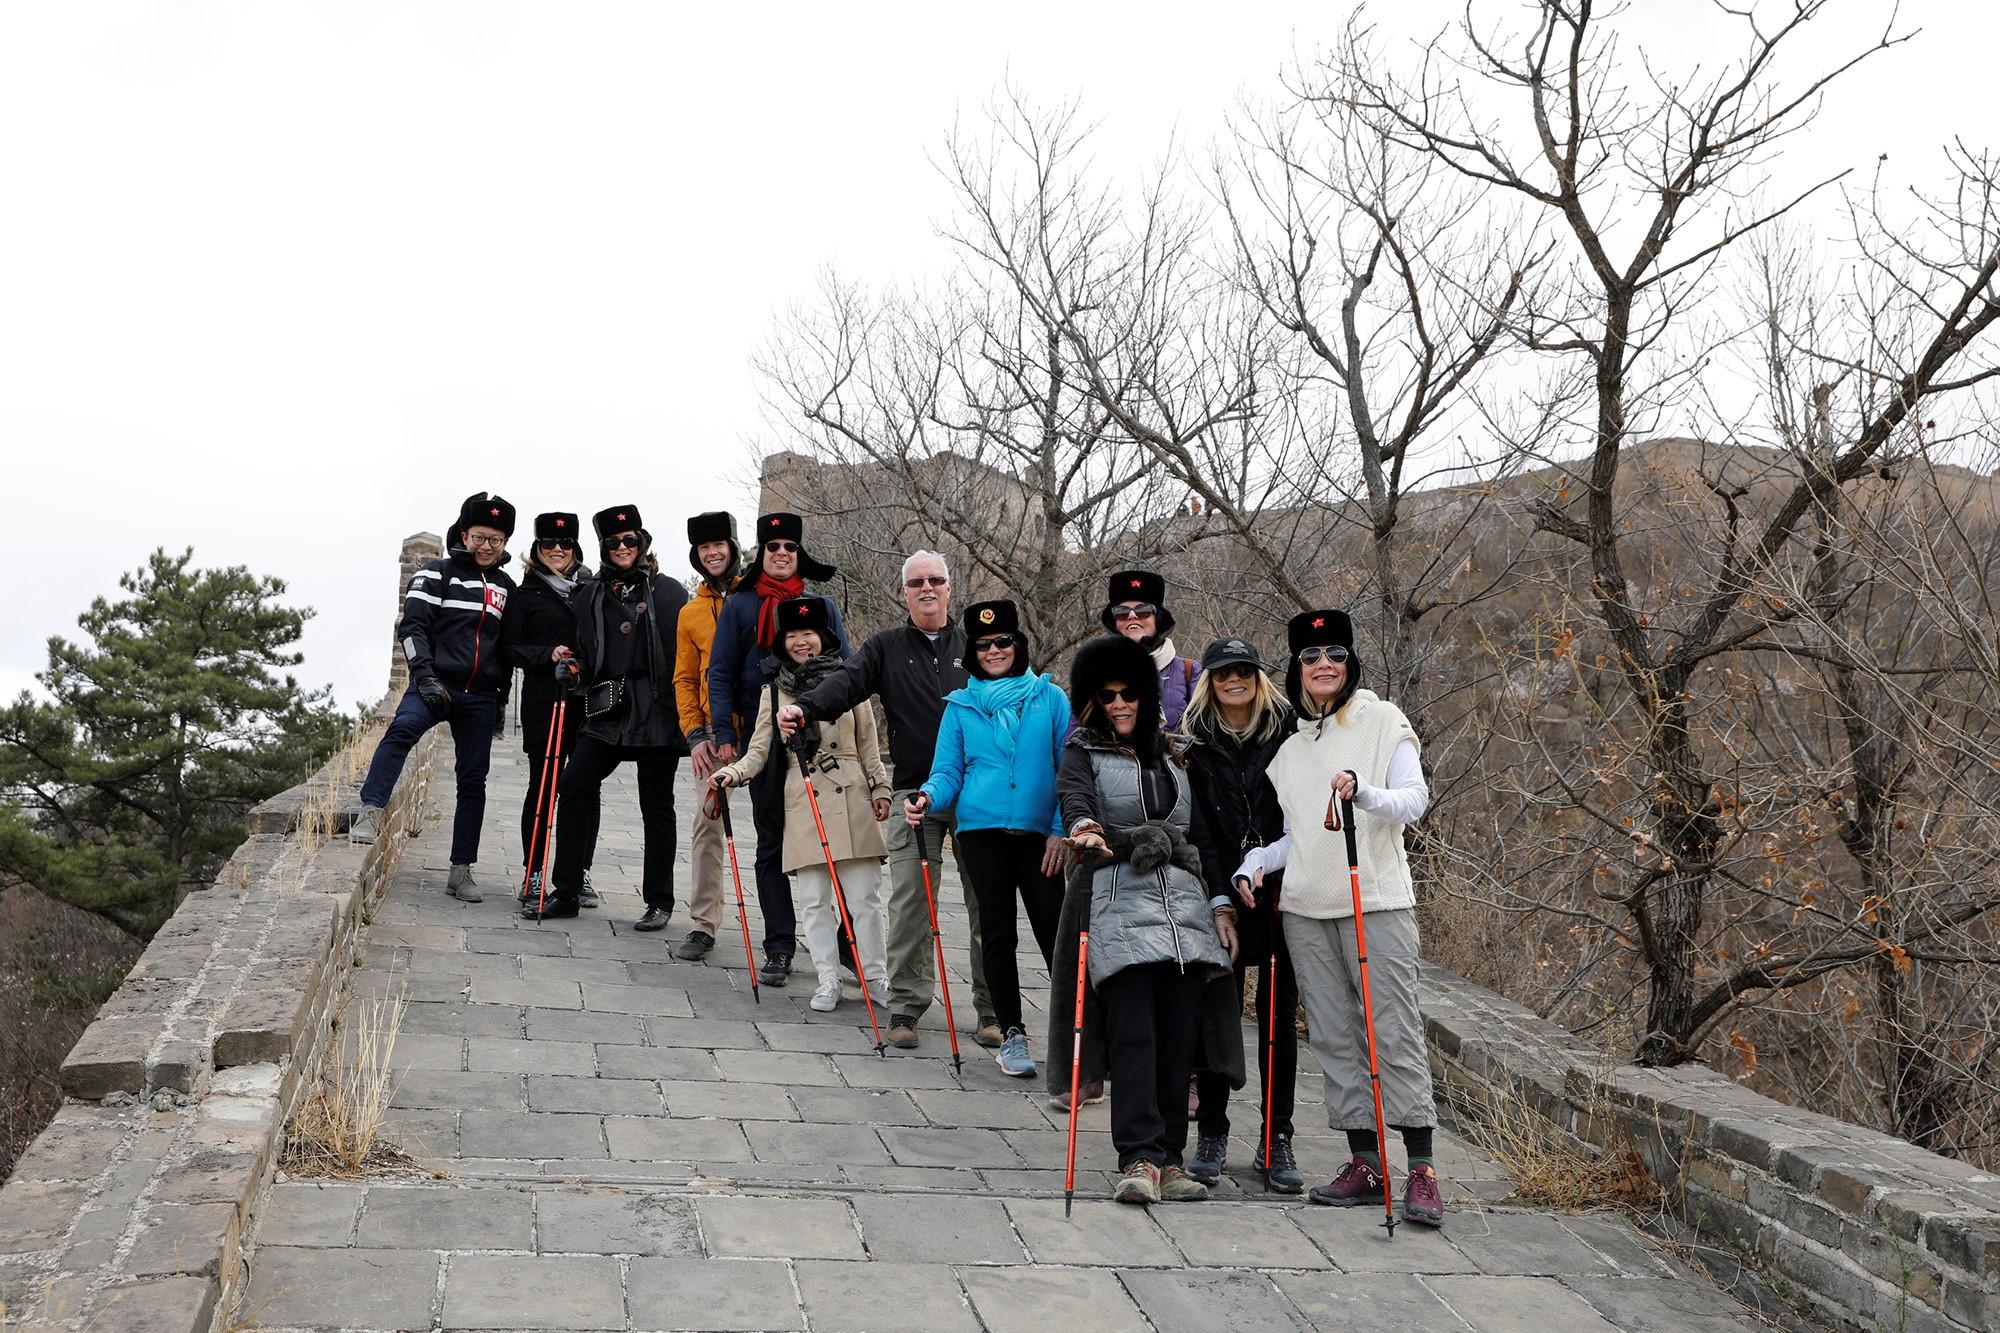 Great Wall_Huang Hua Cheng Pass 1_Candance Group @MO Wangfujing, Beijing.jpg